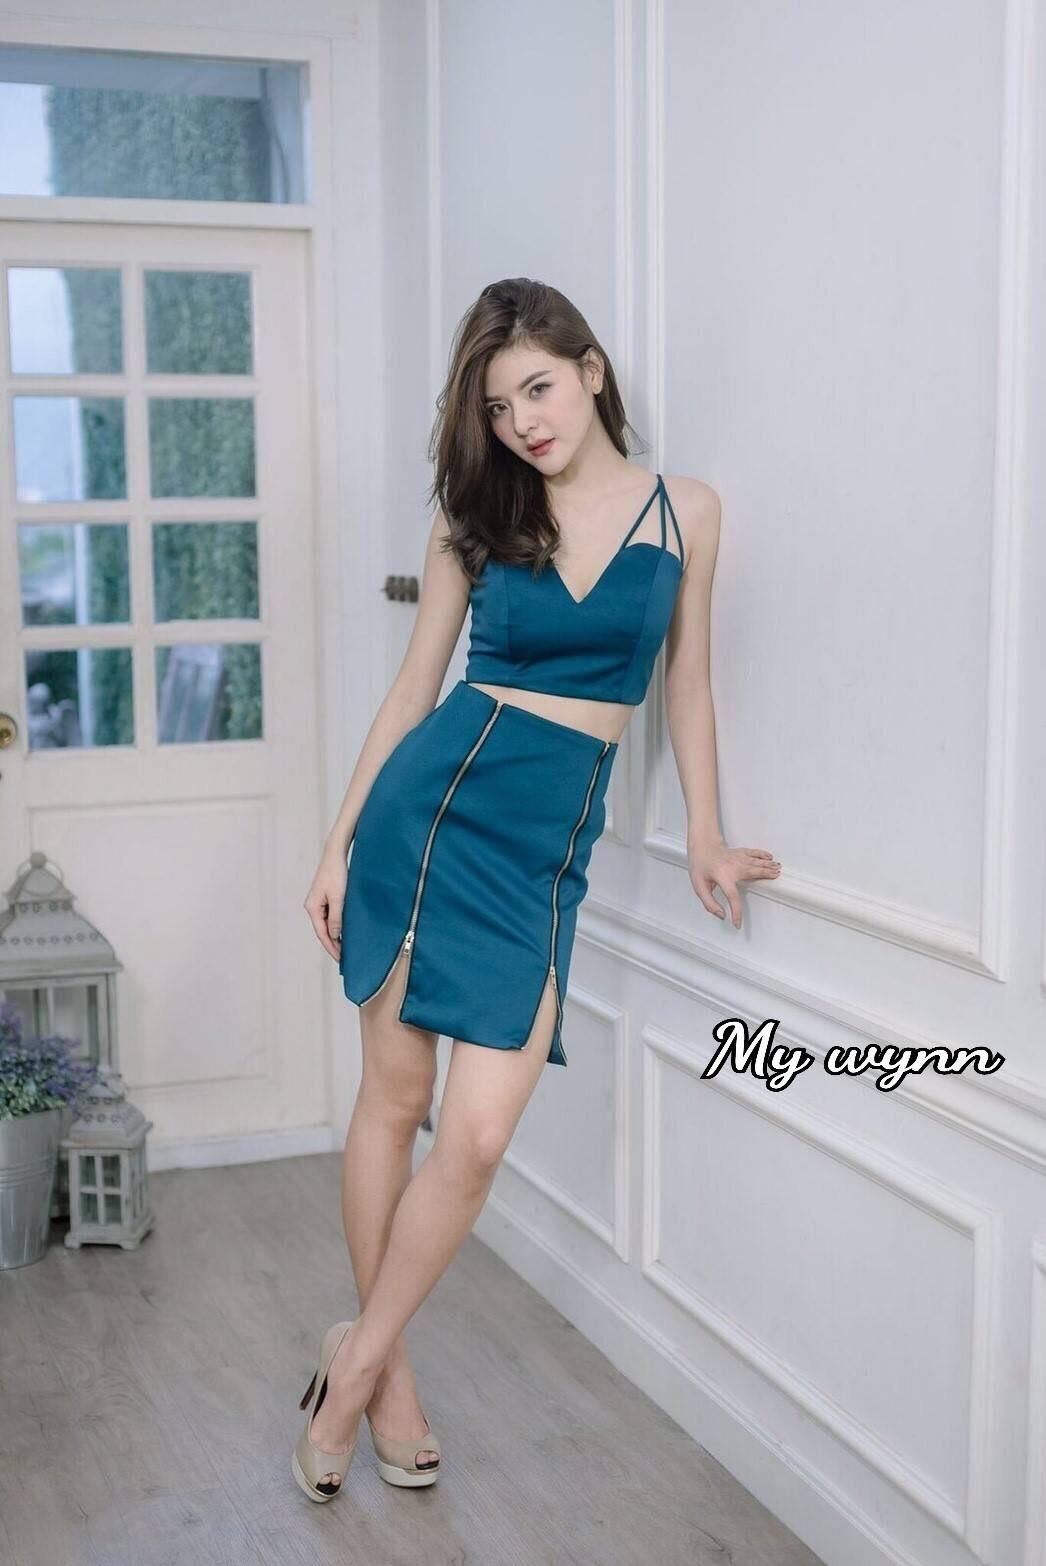 เสื้อผ้าแฟชั่นพร้อมส่งTop+Skirt Set งานเซต Sexy สุดคุ้ม